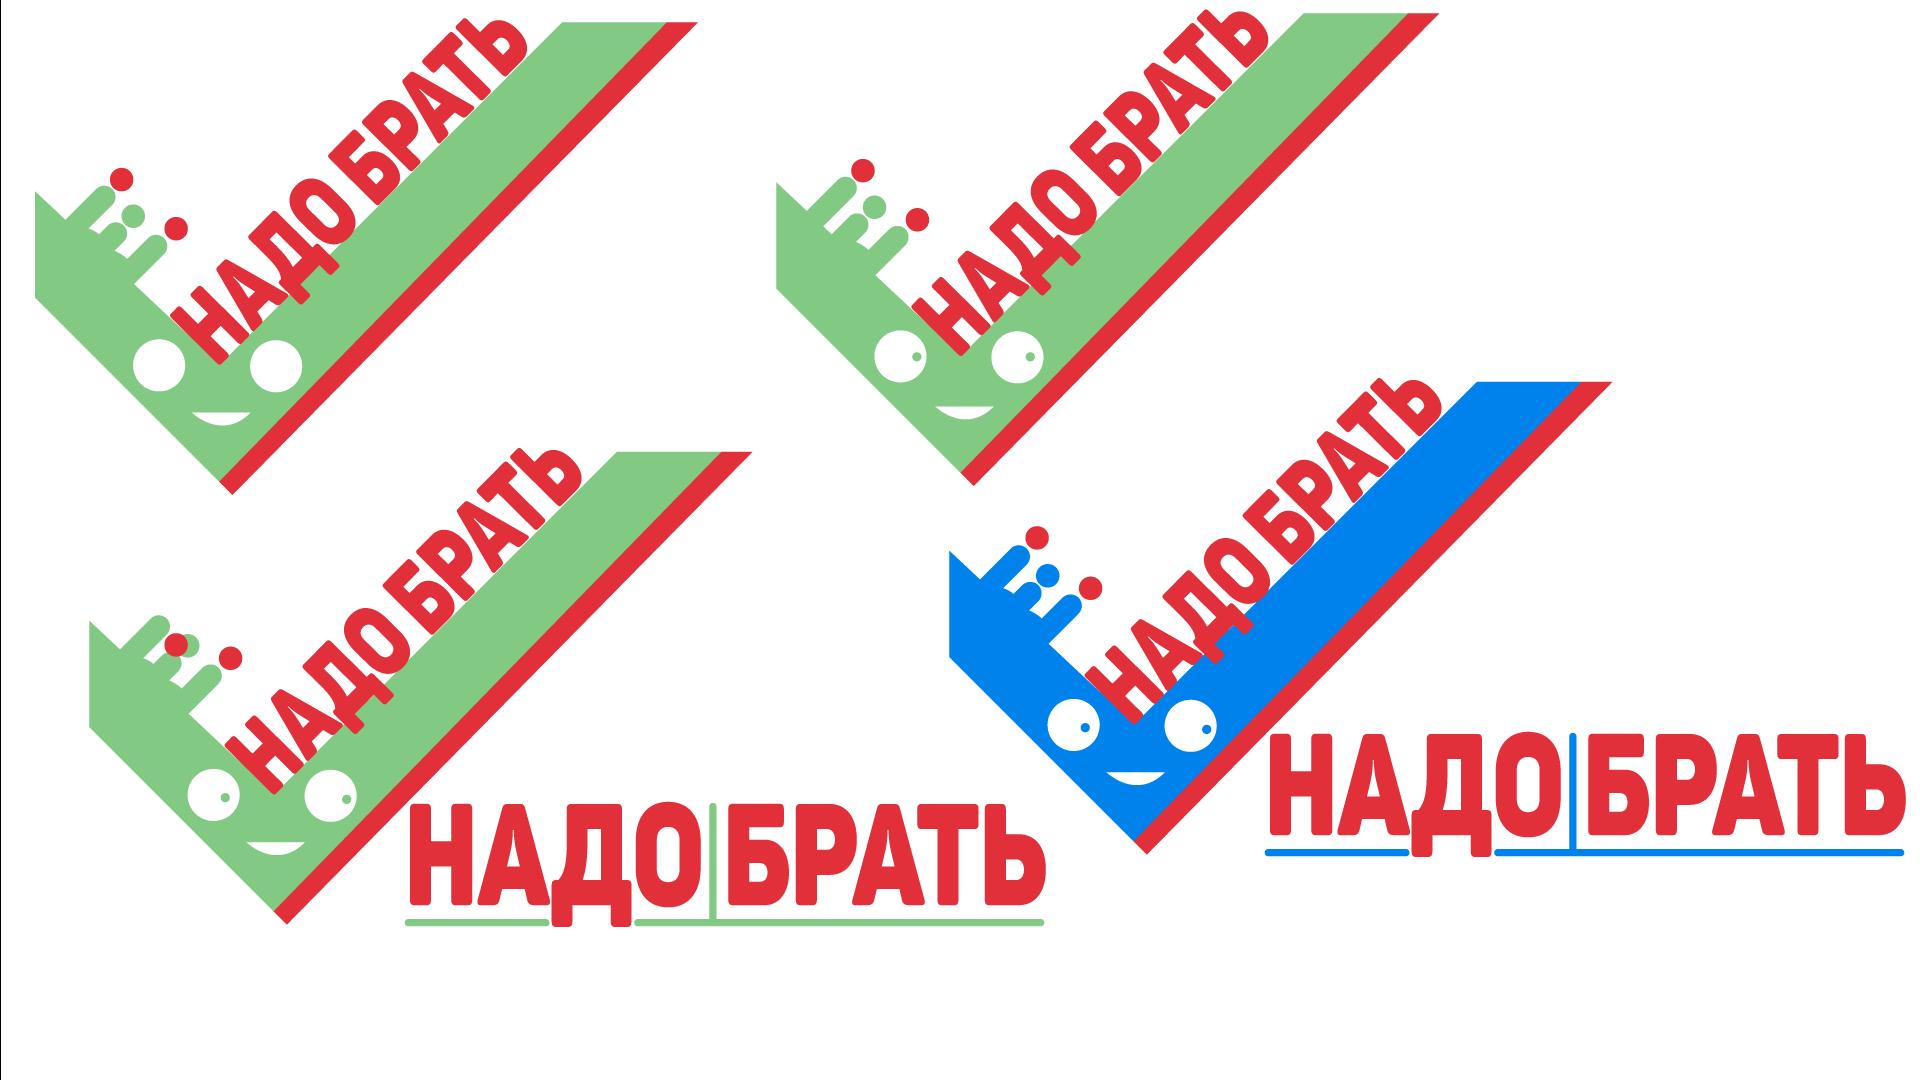 Дизайн логотипа и упаковки СТМ фото f_9885c55a74bac0d7.png